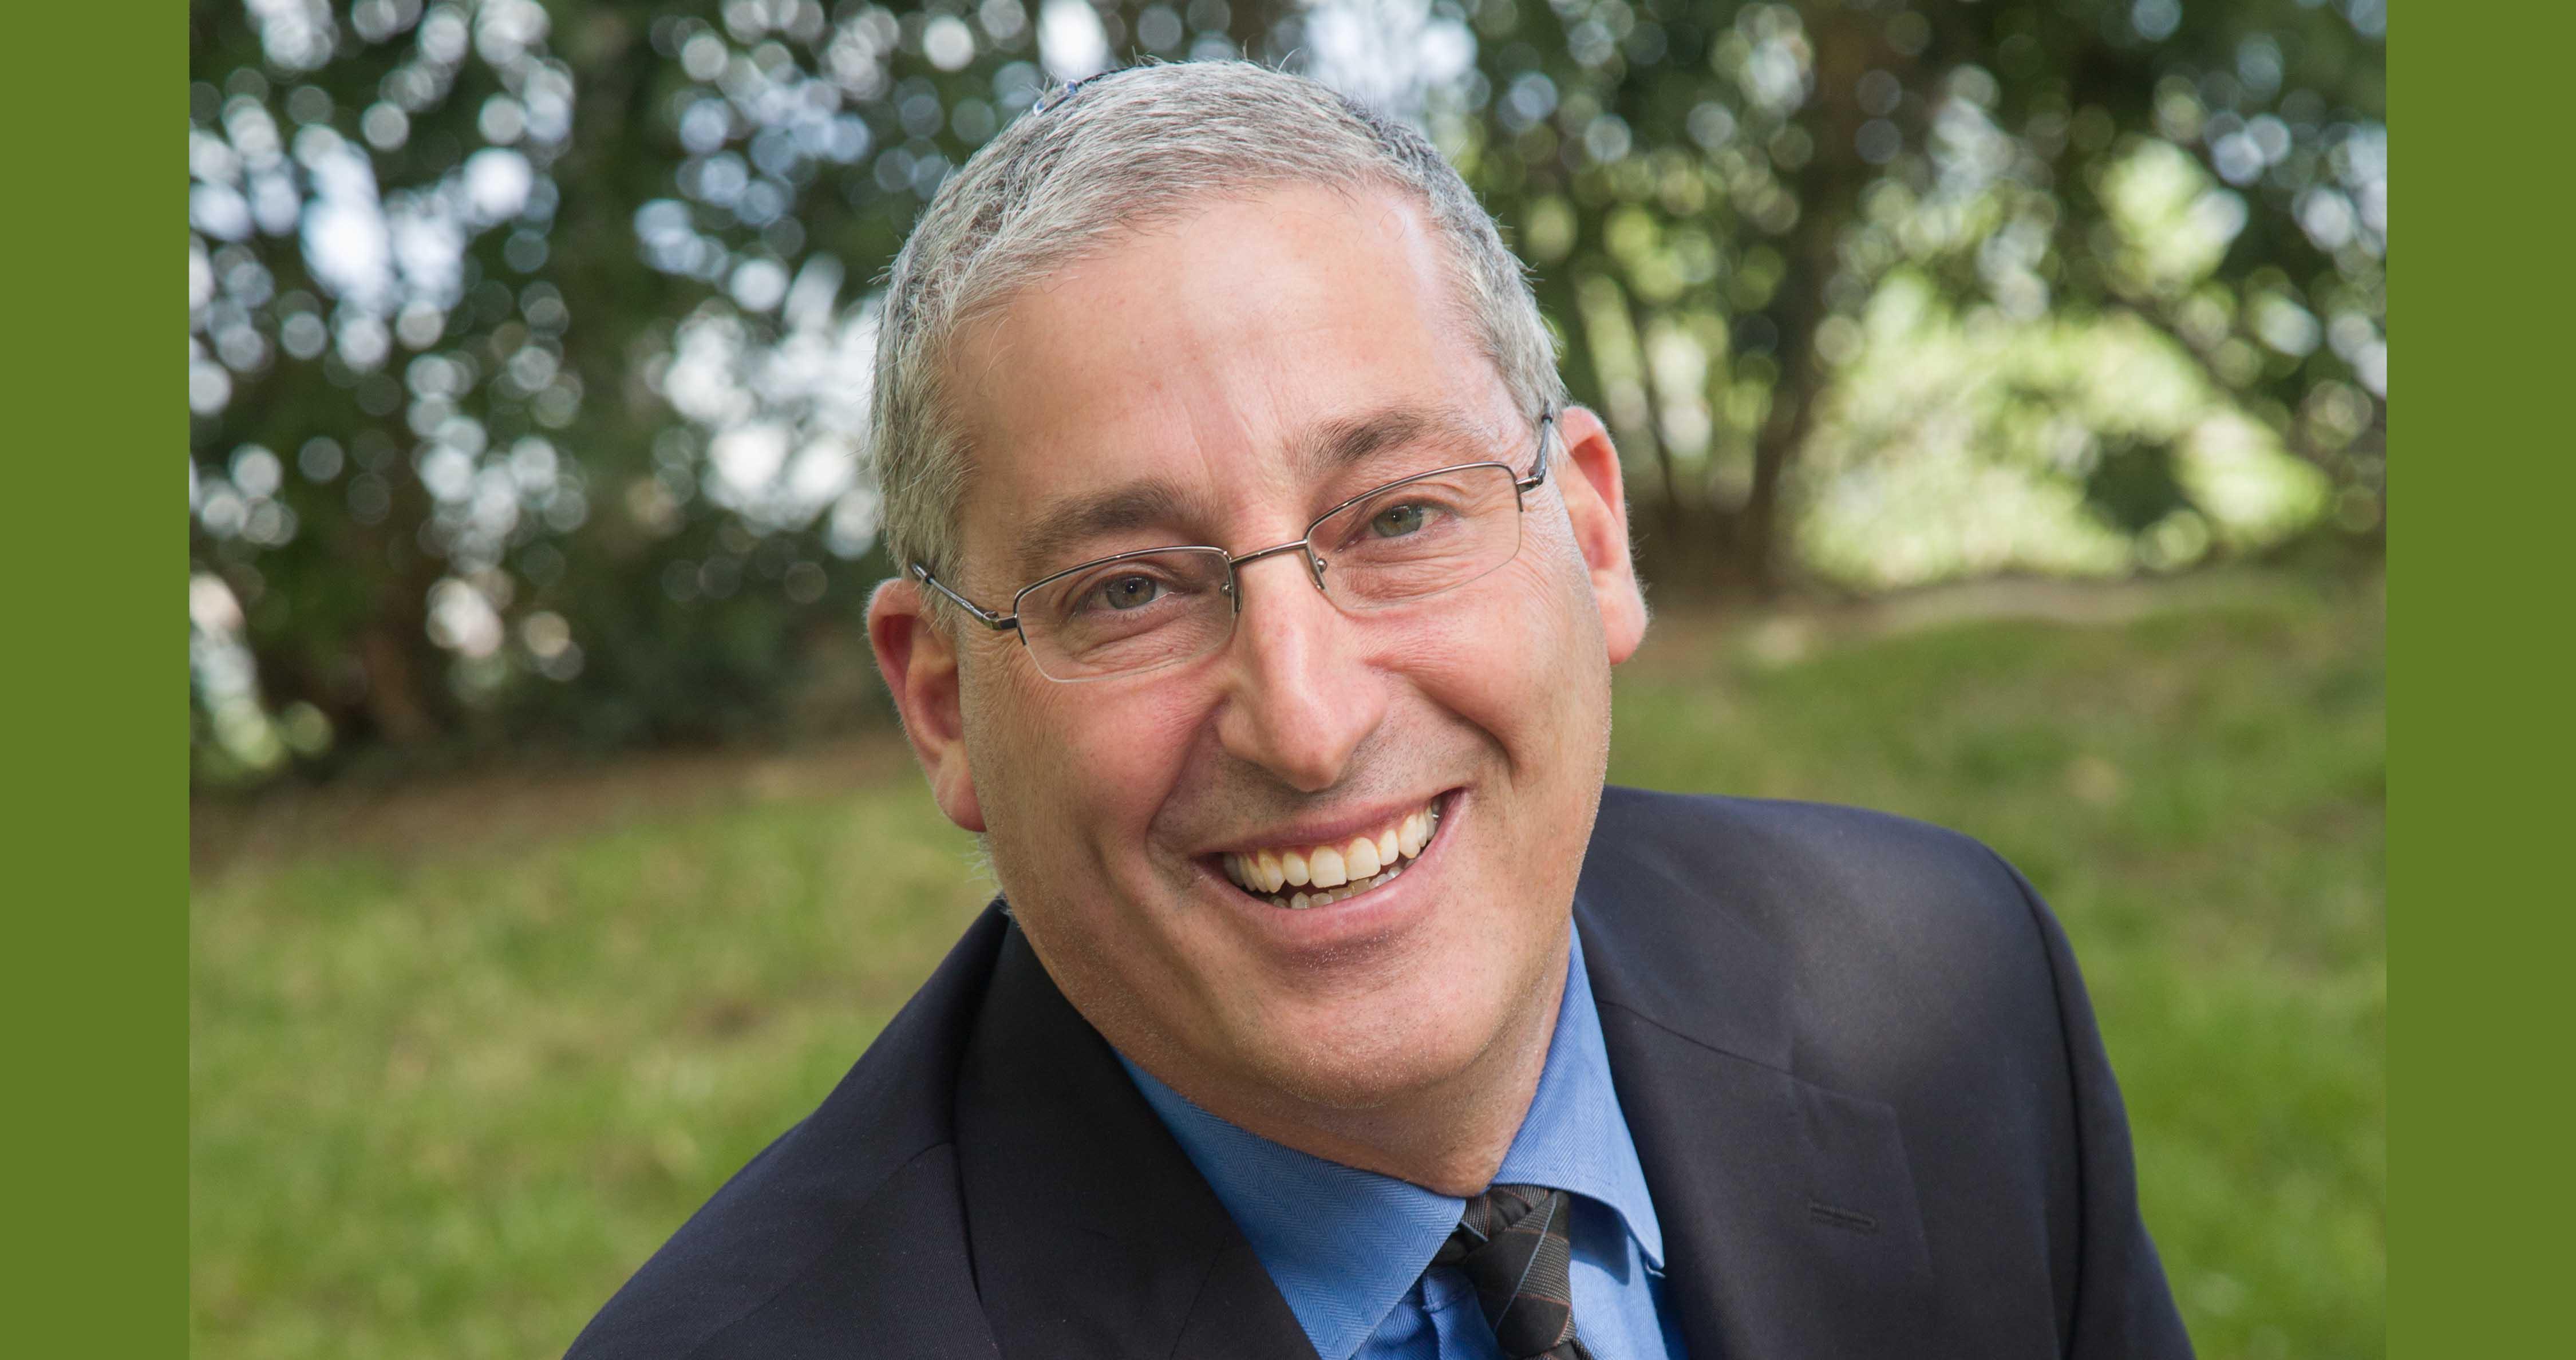 Larry Kligman, Head of School - Heschel Day School